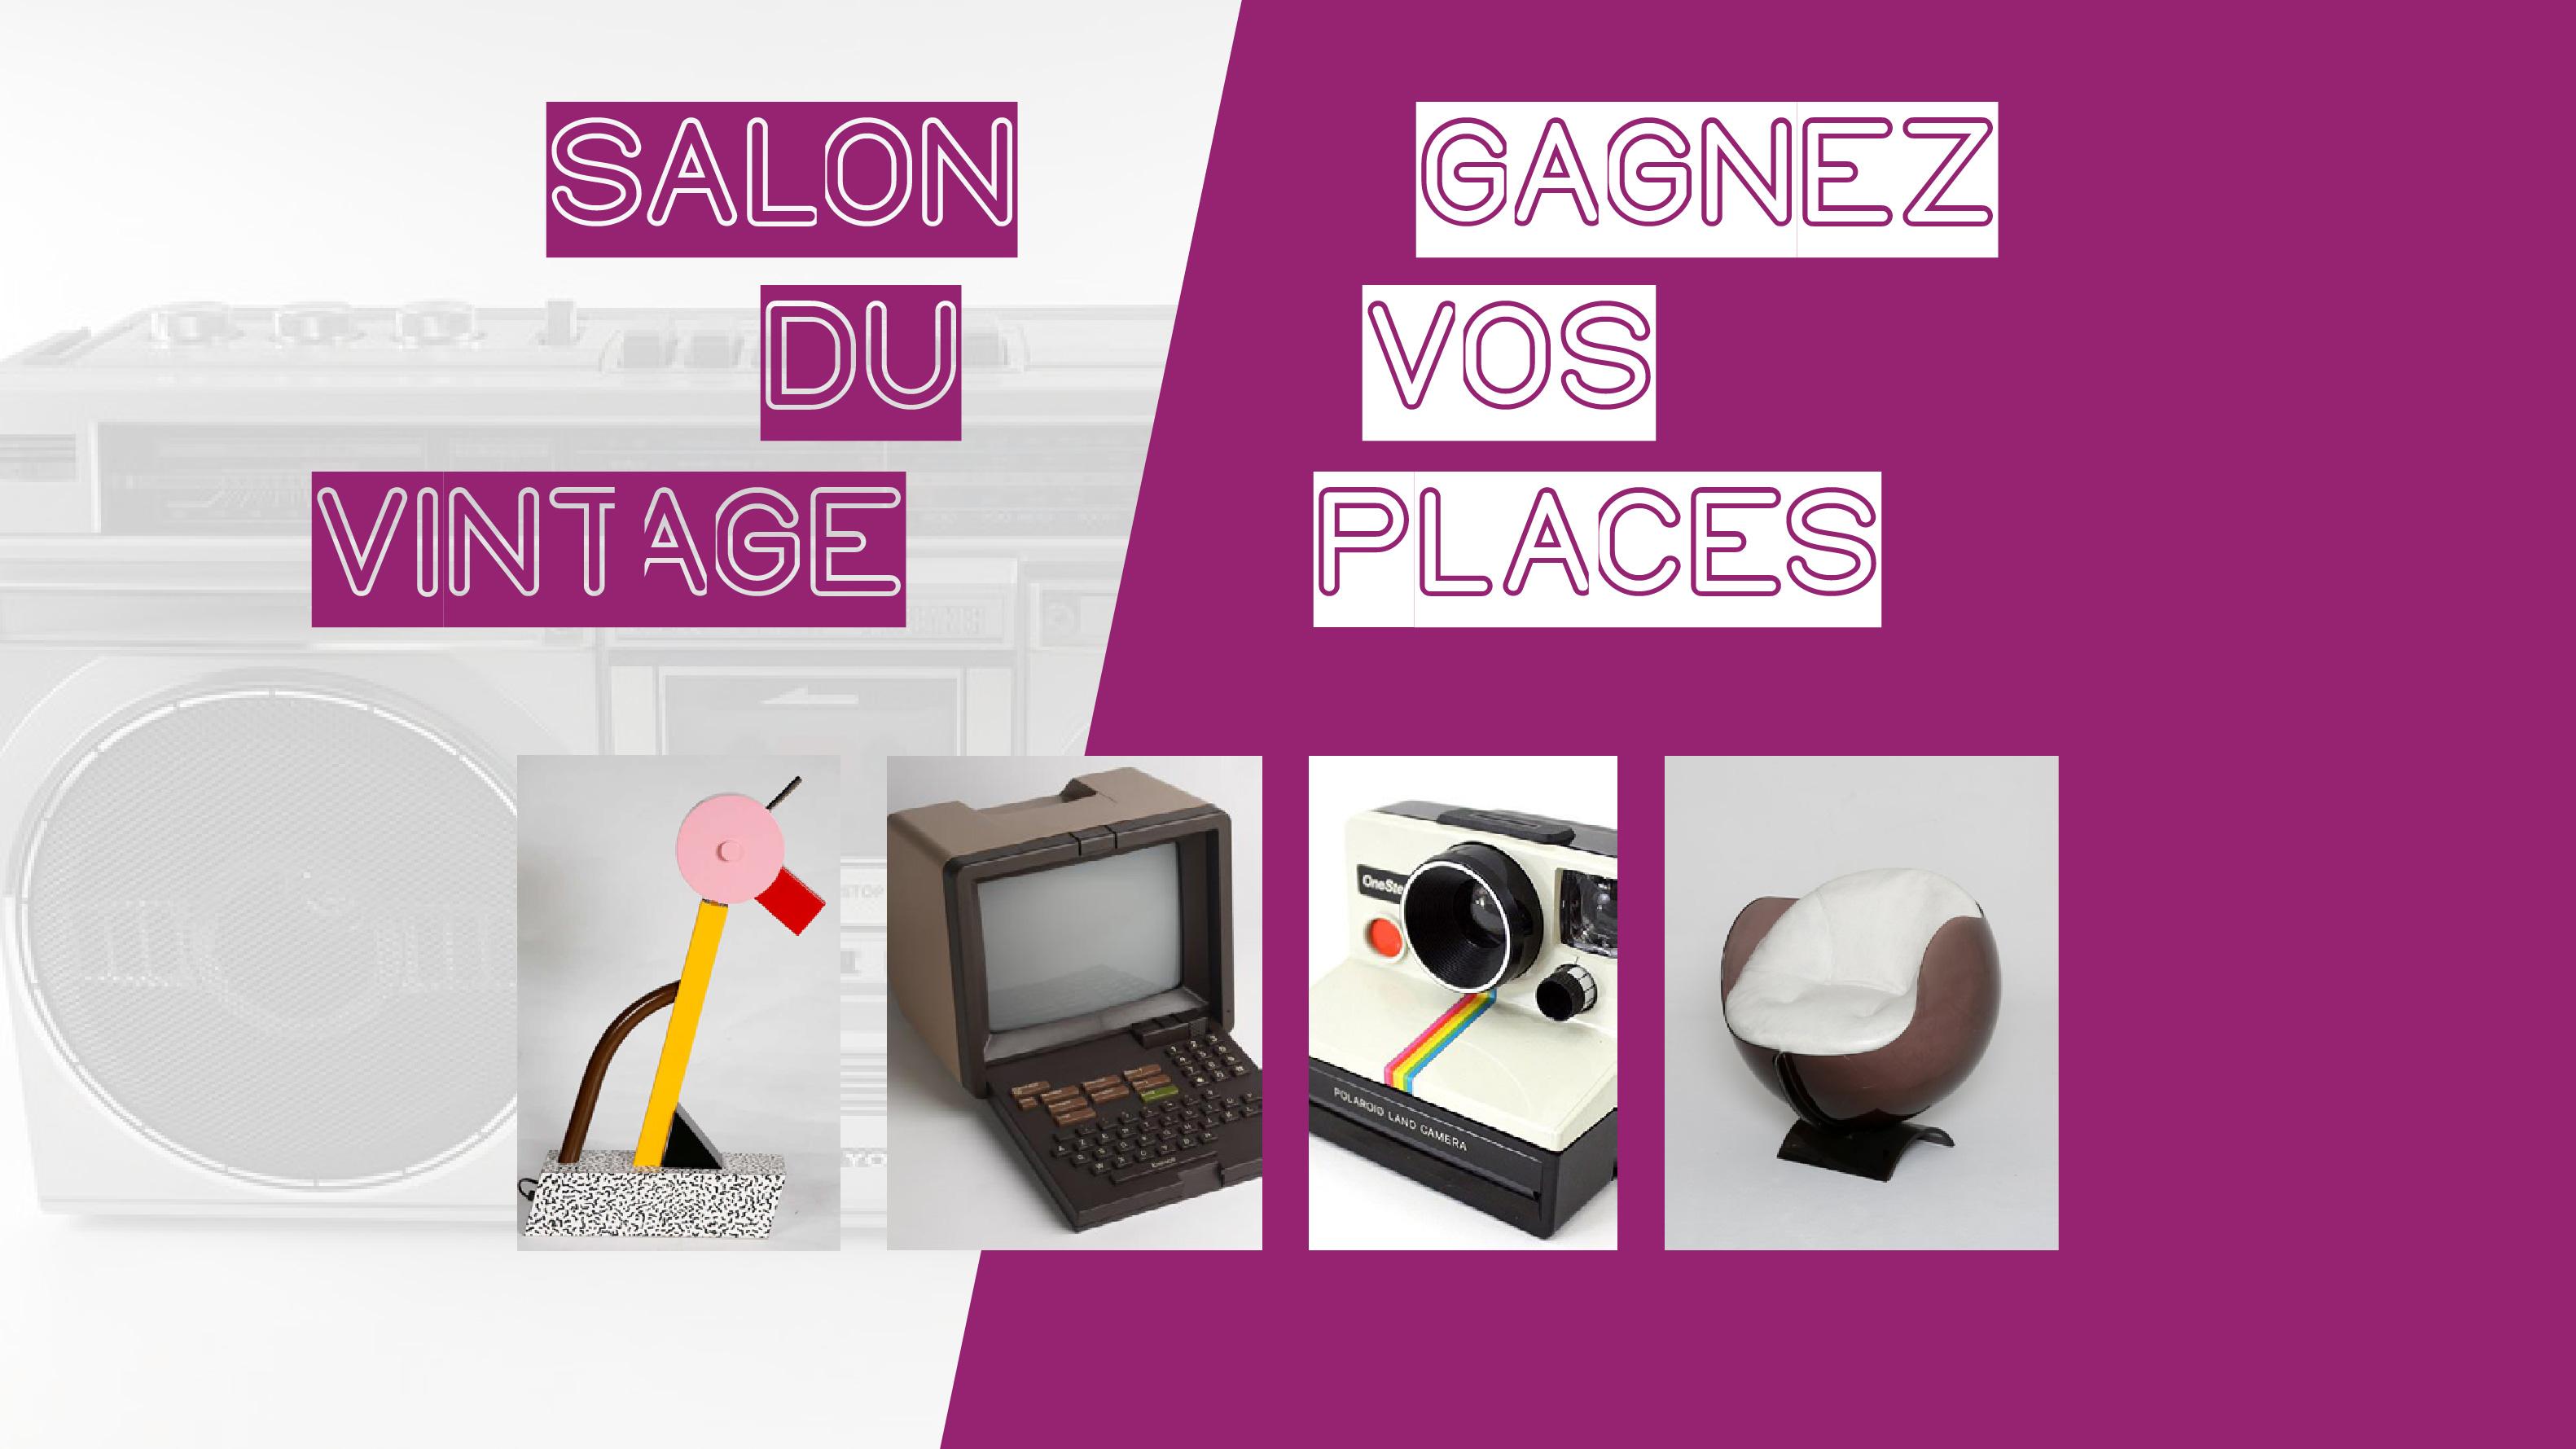 Salon du vintage bordeaux 2019 gagnez vos places - Salon professionnel bordeaux ...